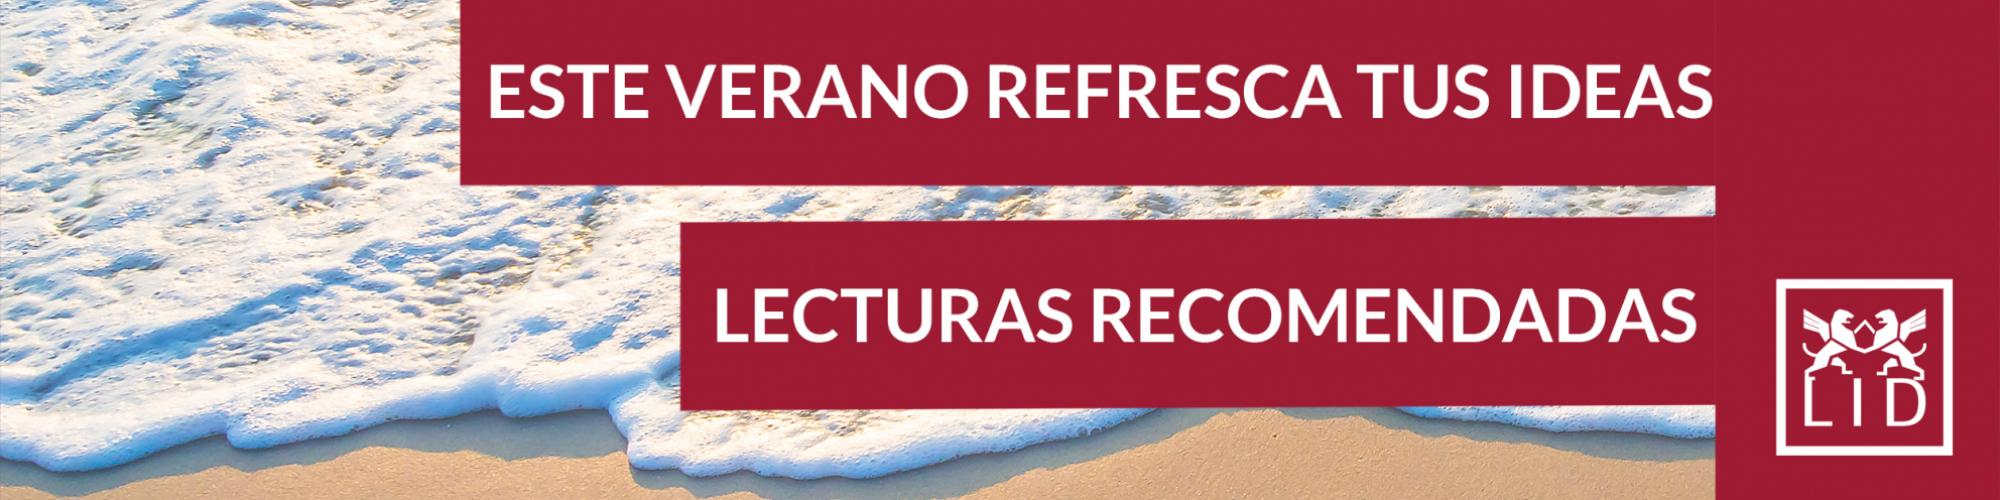 Lecturas de verano, LID Editorial